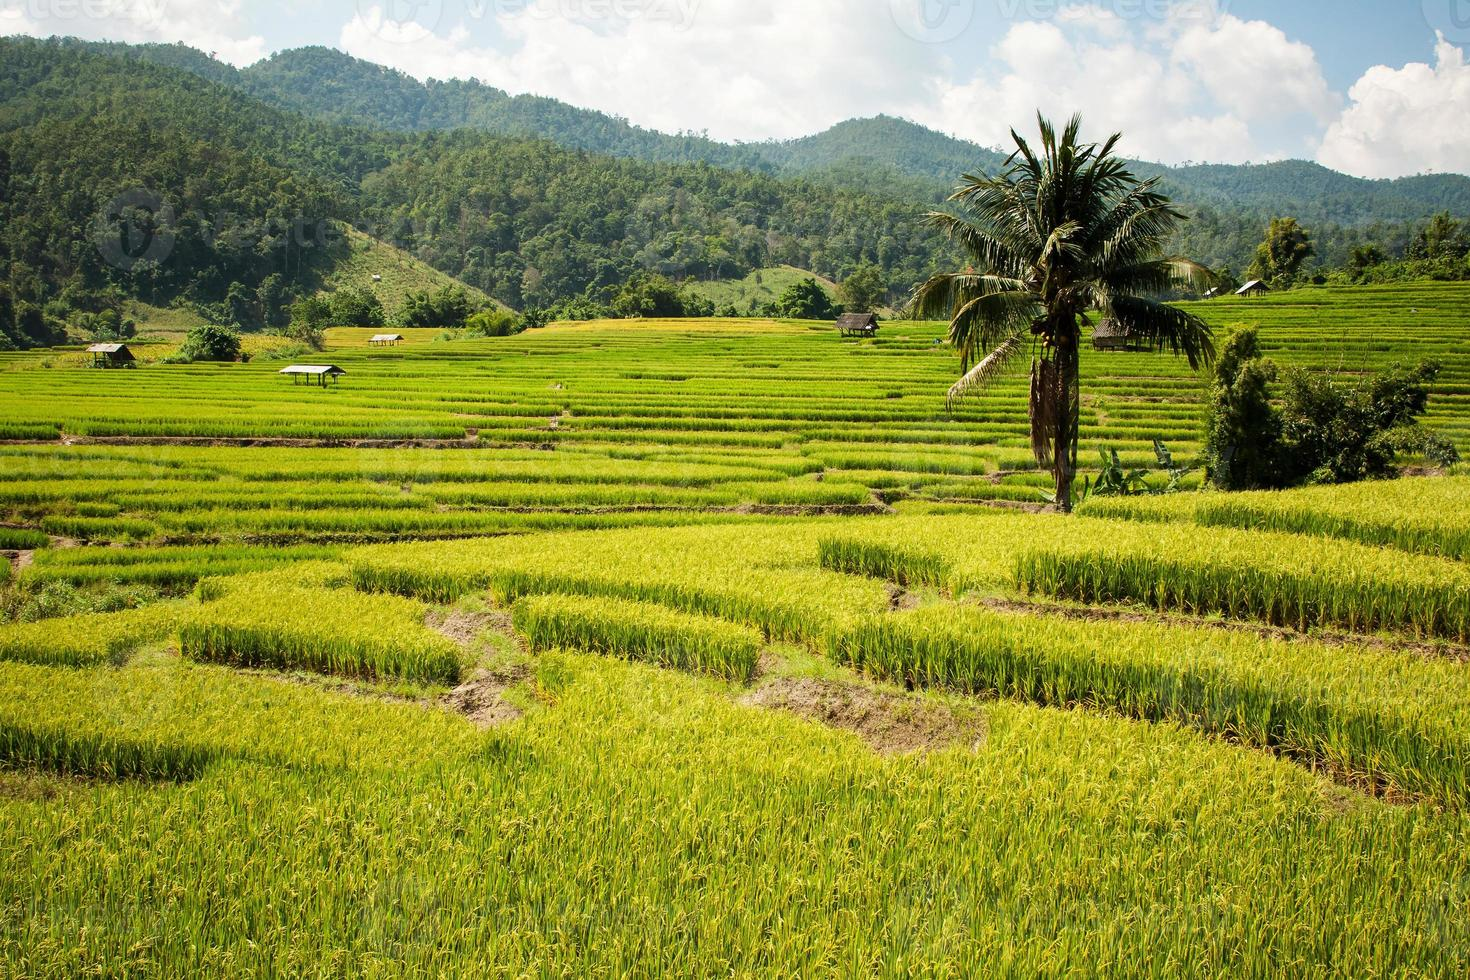 gyllene ris skörd säsongen närmar sig foto